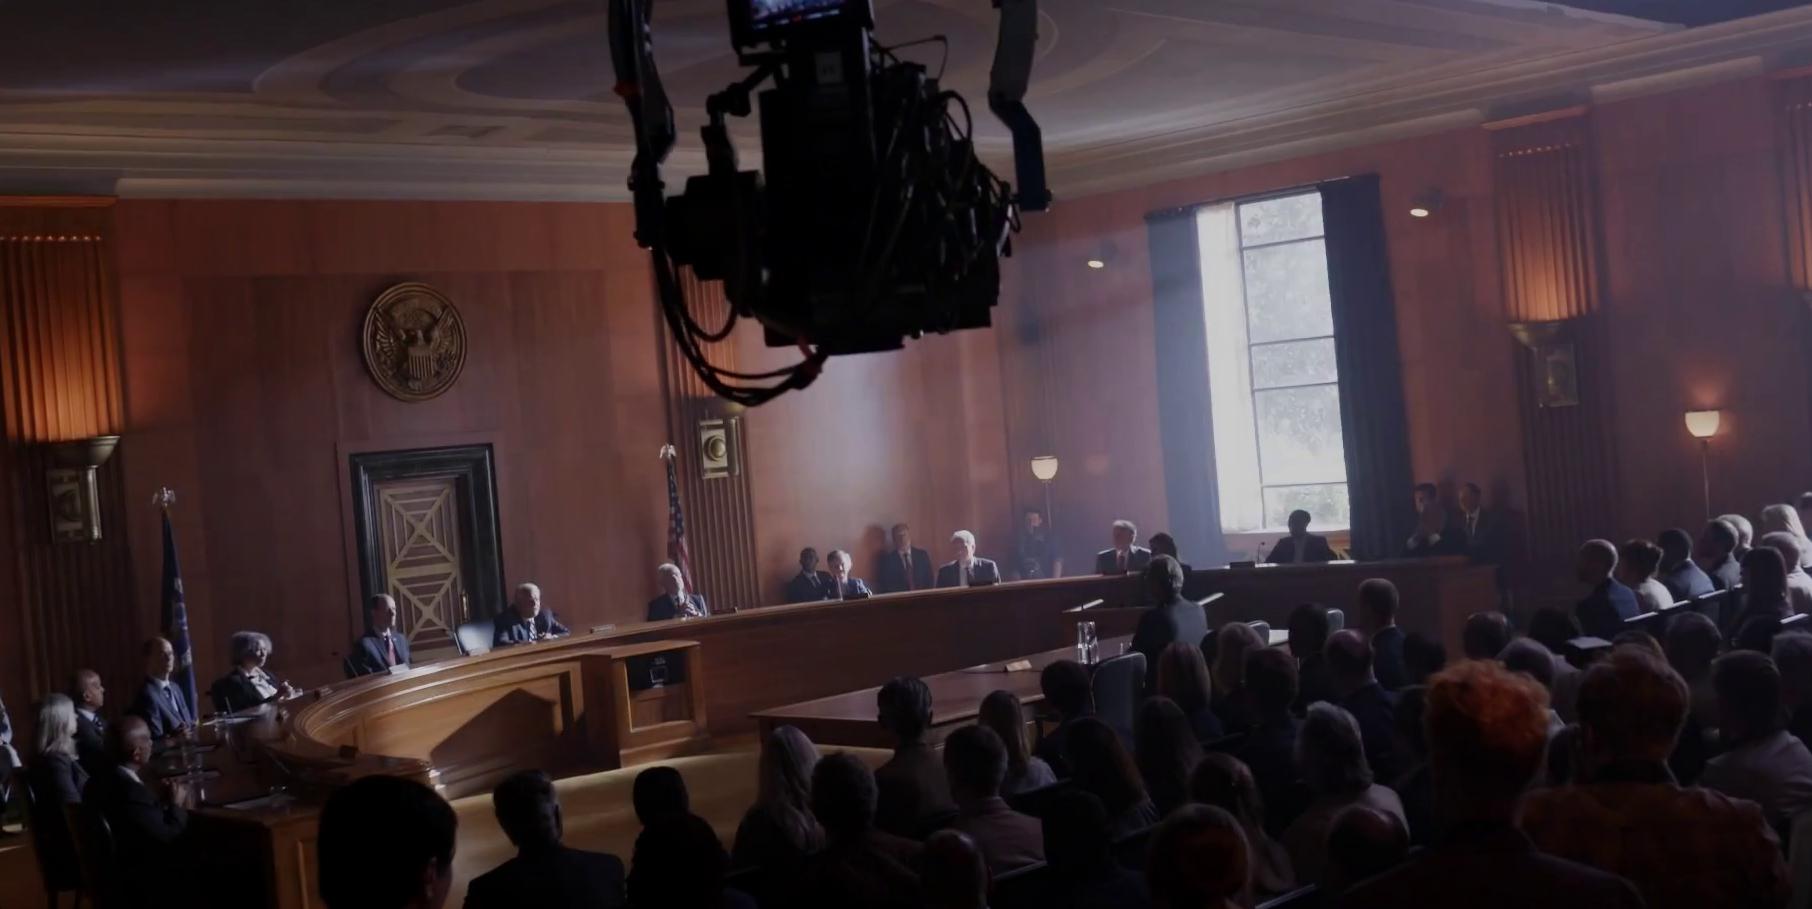 A tárgyalótermi jelenetben egy régi ismerőst, dr. Ian Malcolm-ot köszönhetjük majd